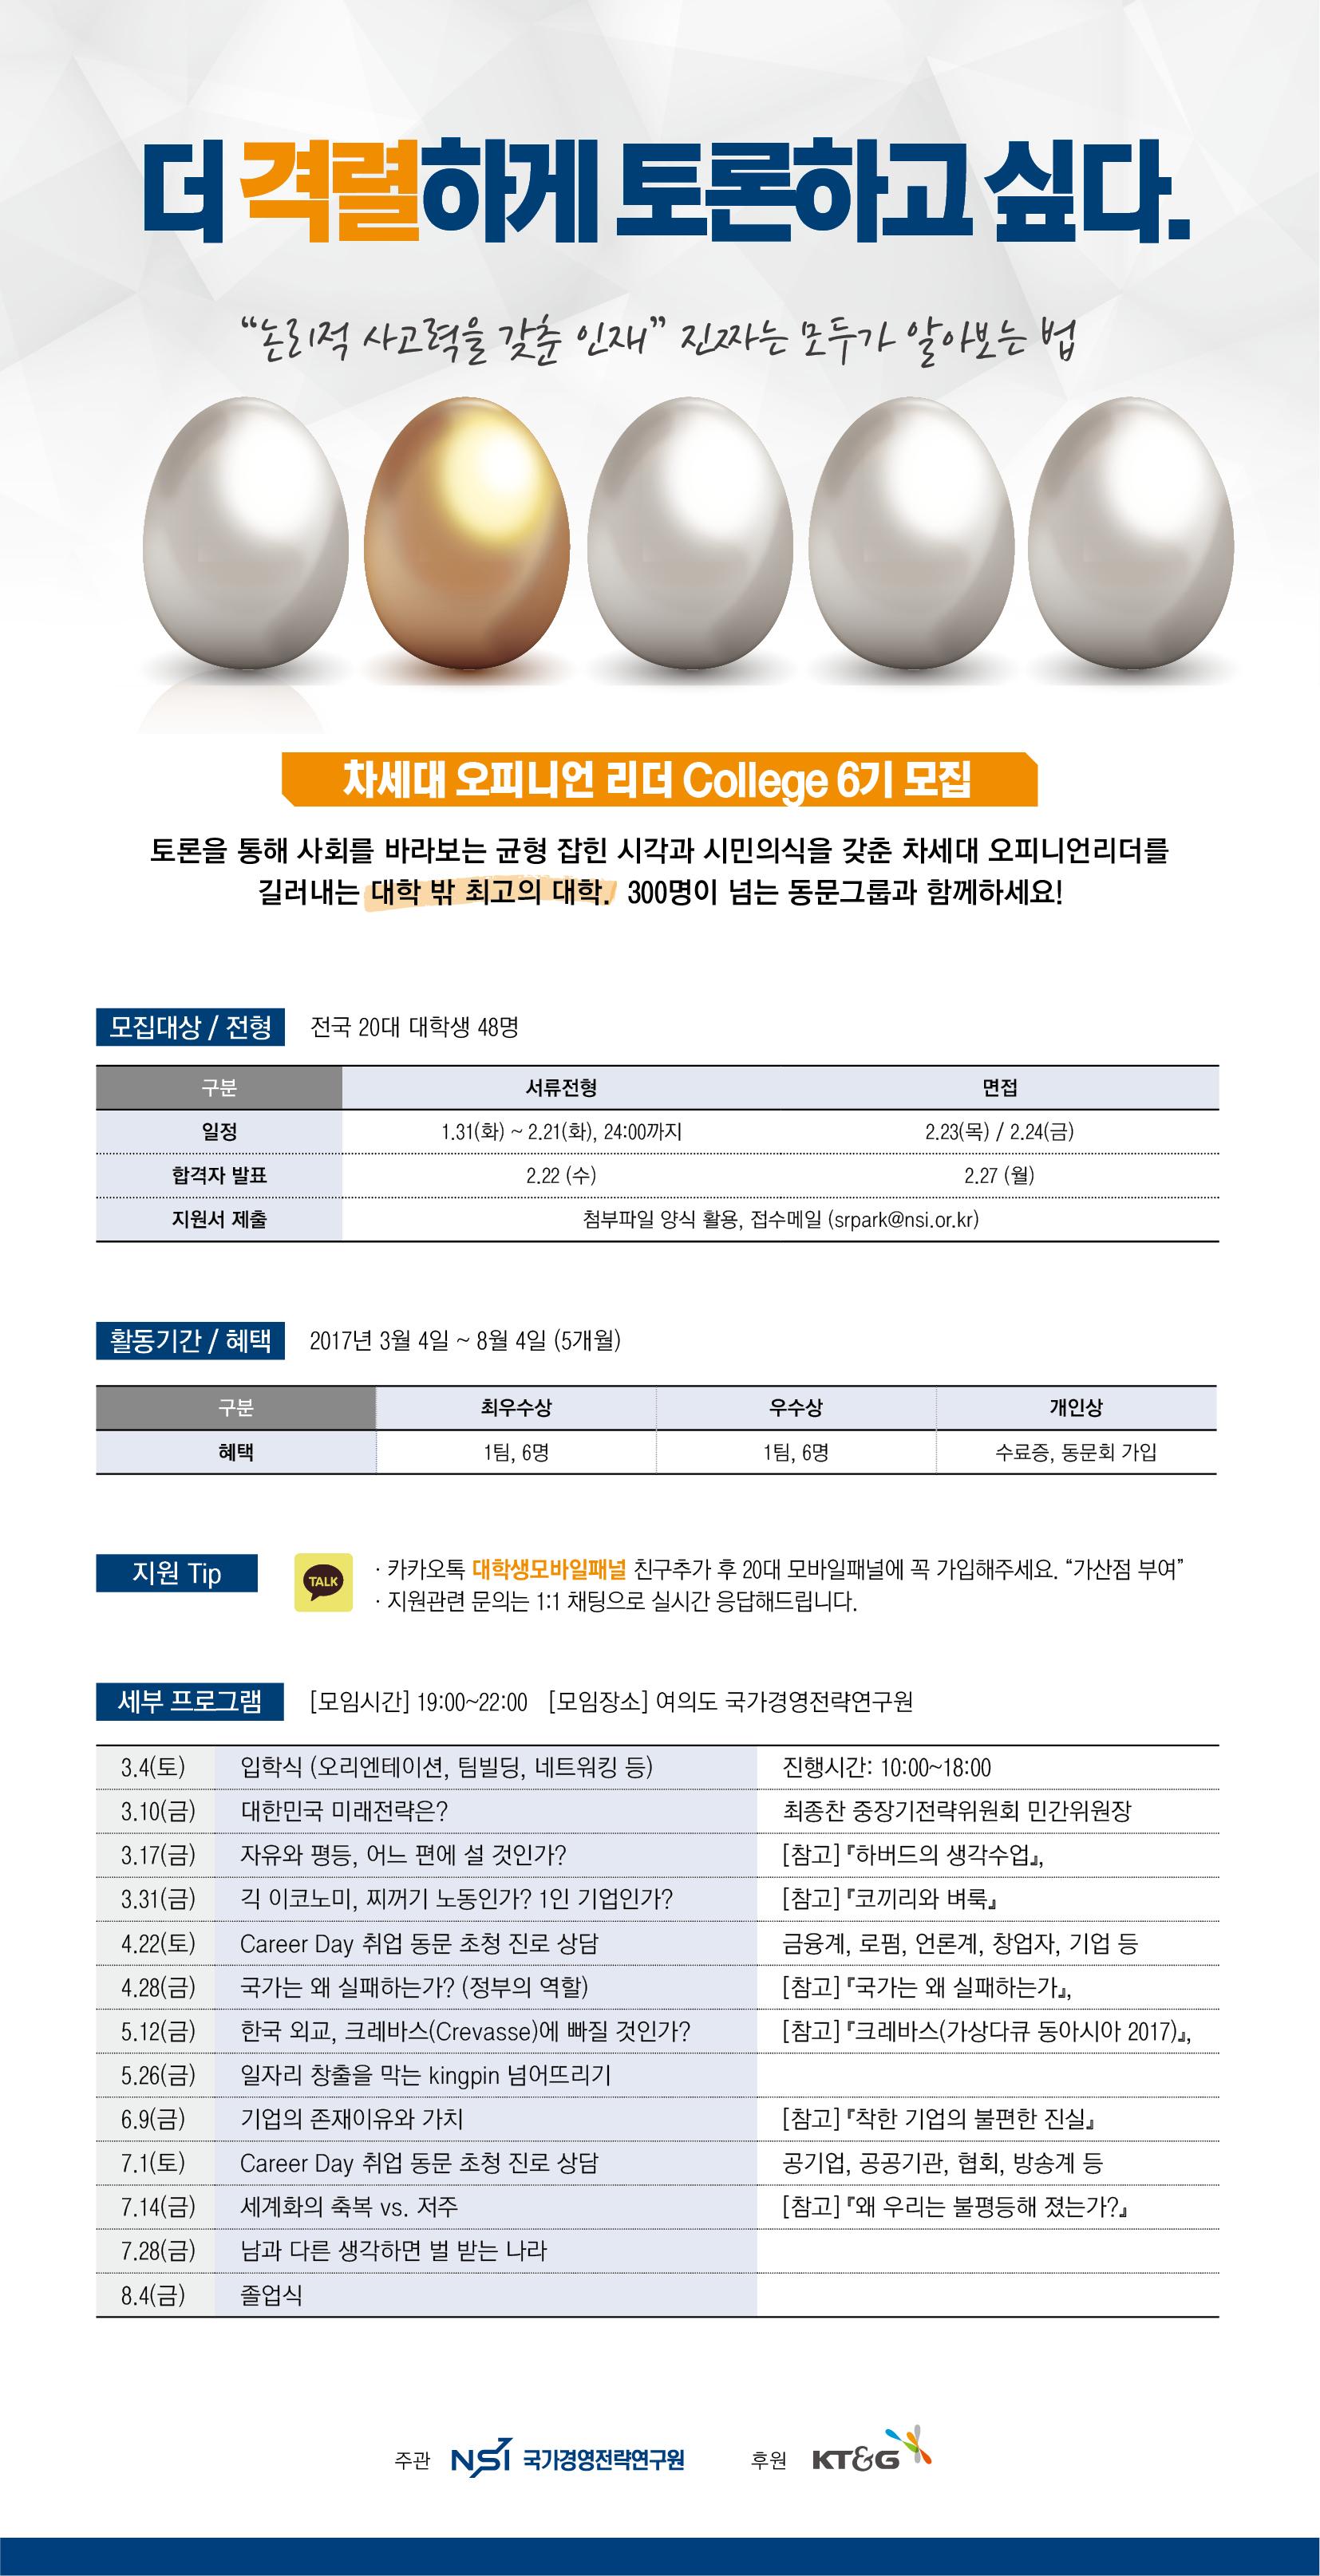 [모집포스터]차세대오피니언리더College6기(-2.21) (1).jpg